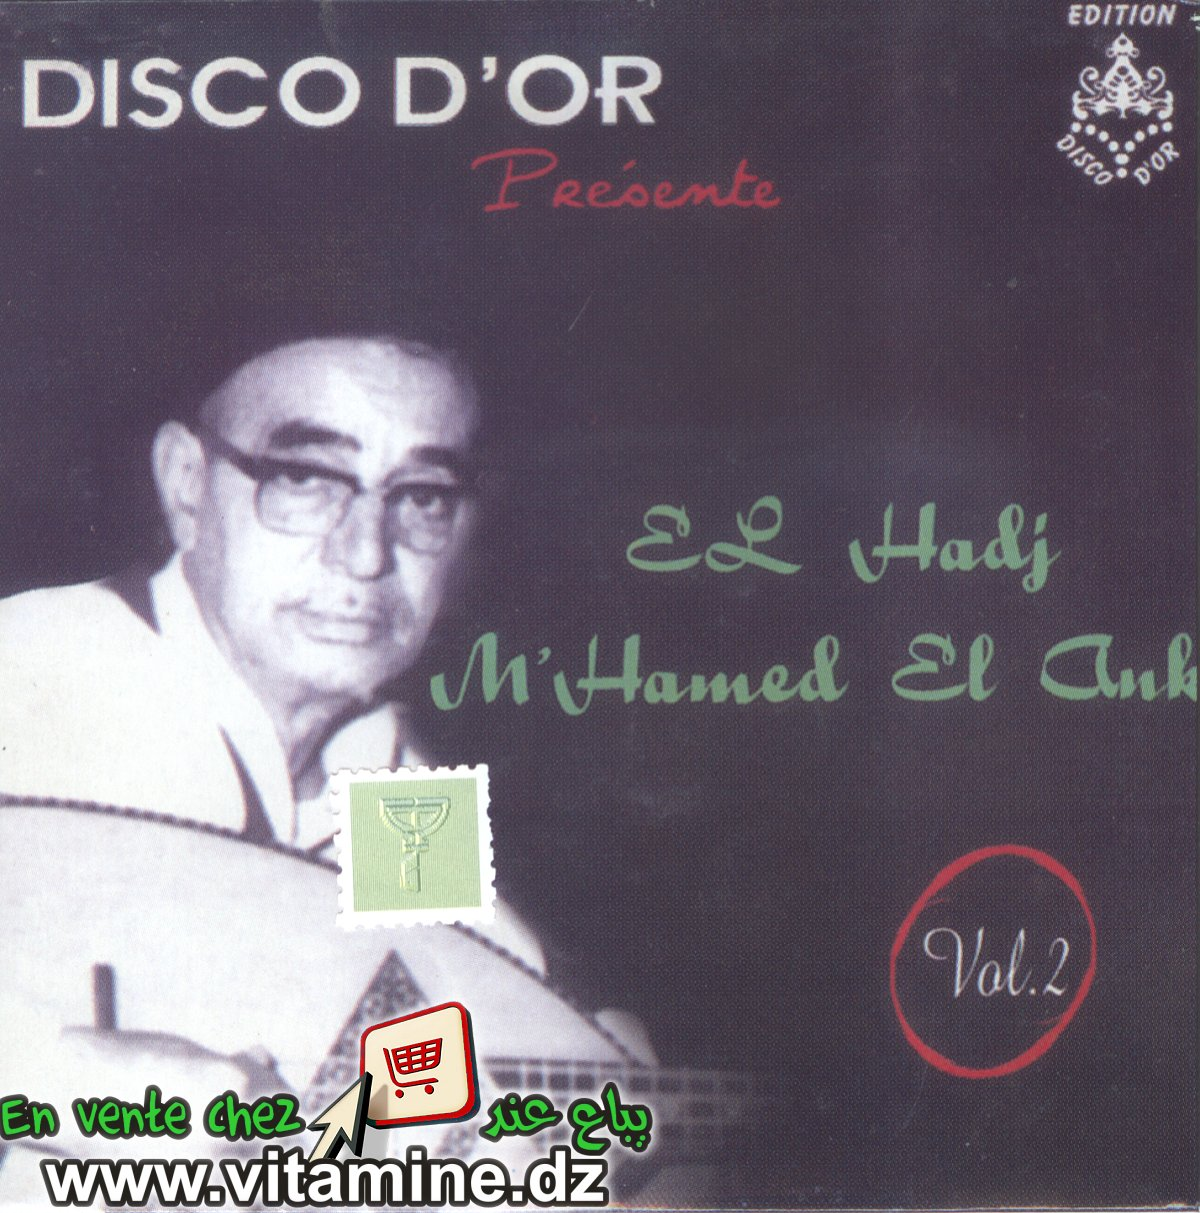 El Hadj M'Hamed El Anka vol 2